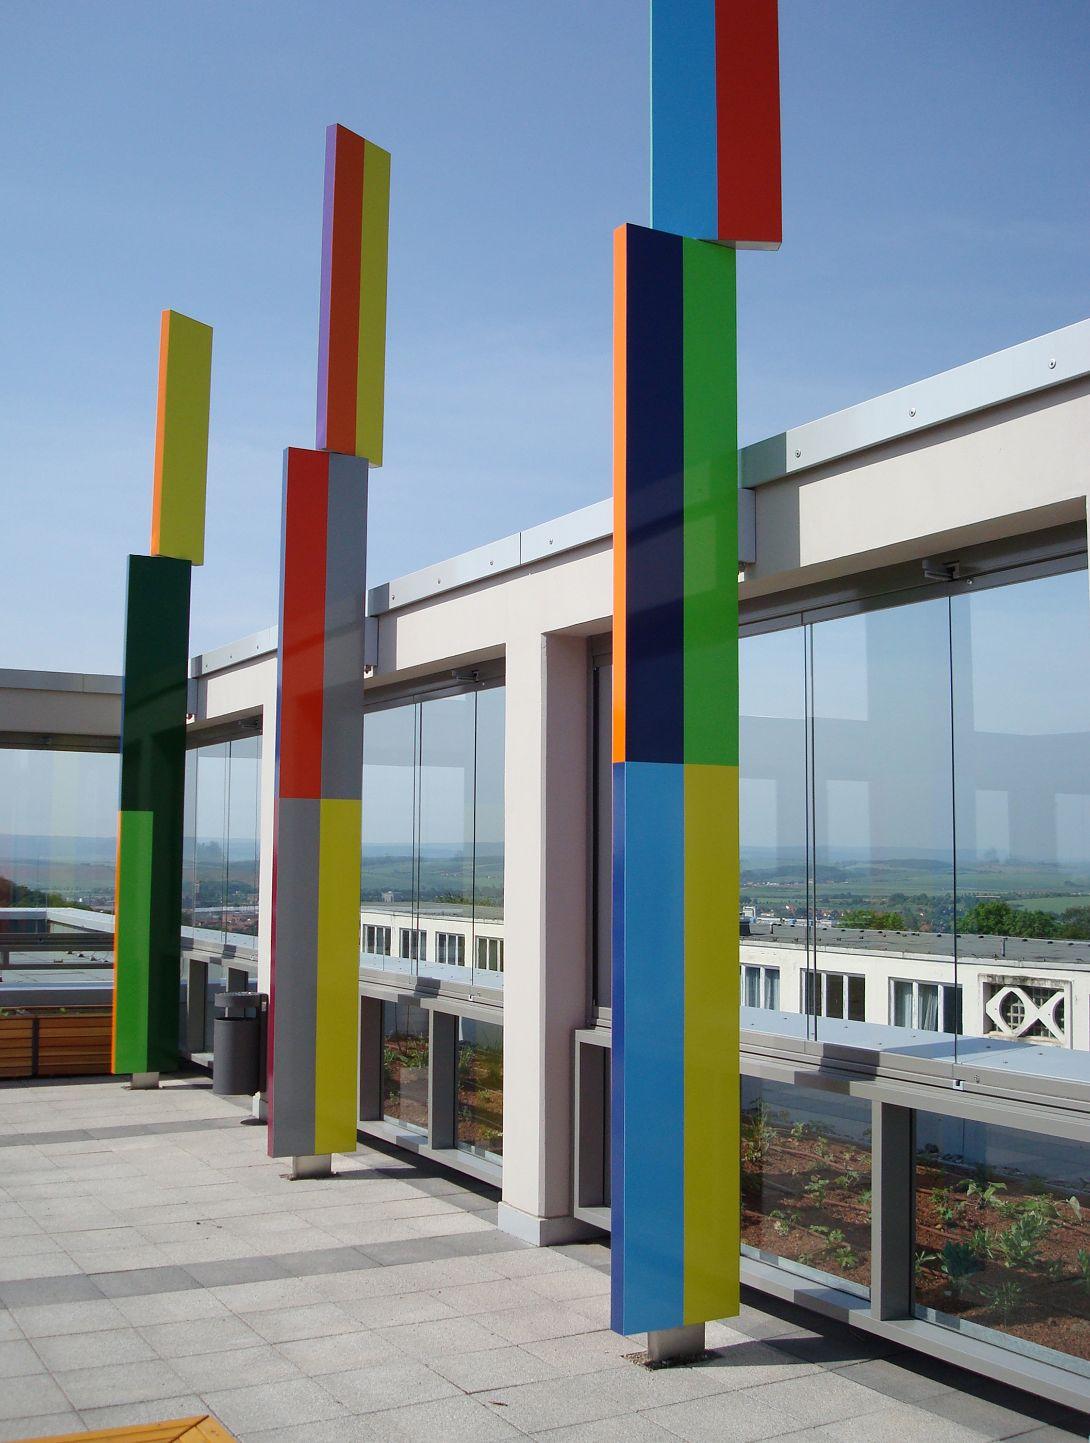 09059r_Kunst am Bau